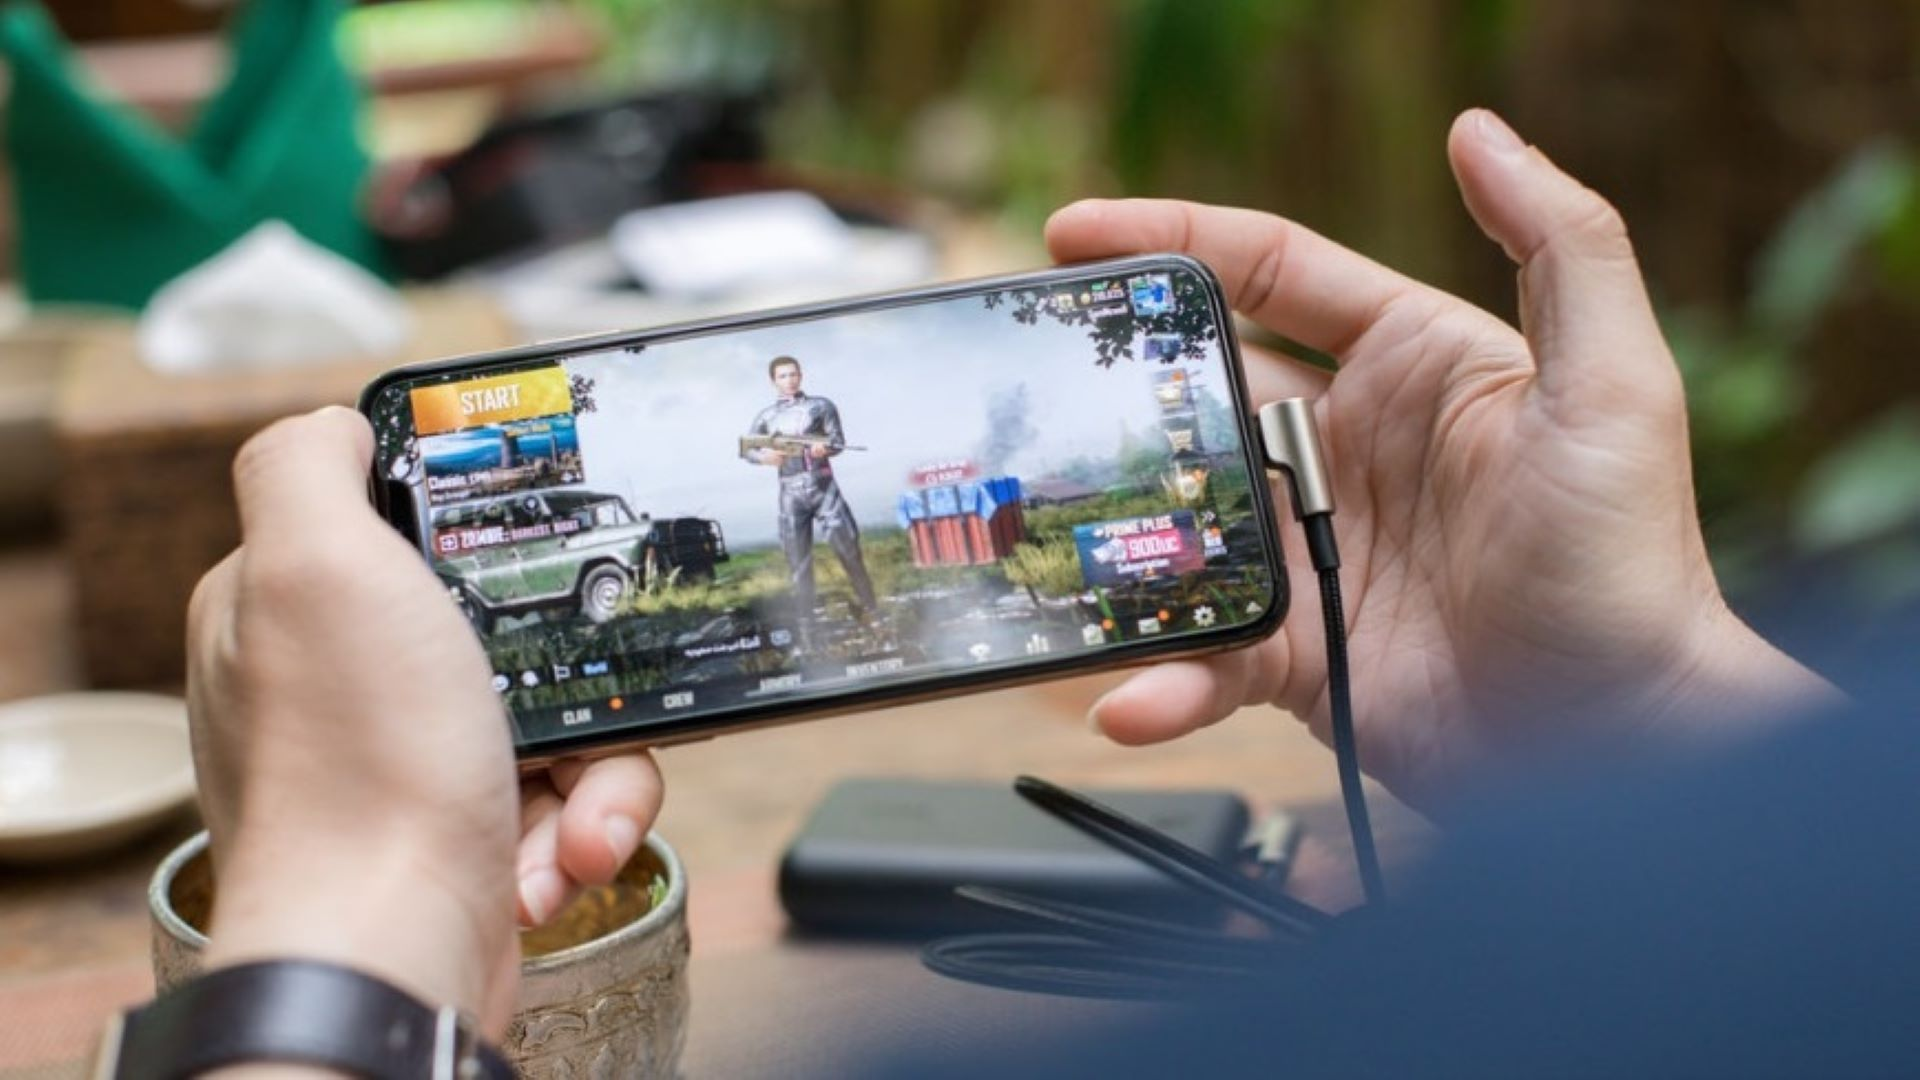 調查指部分網遊玩家「課金」成癮 有人消費10萬元